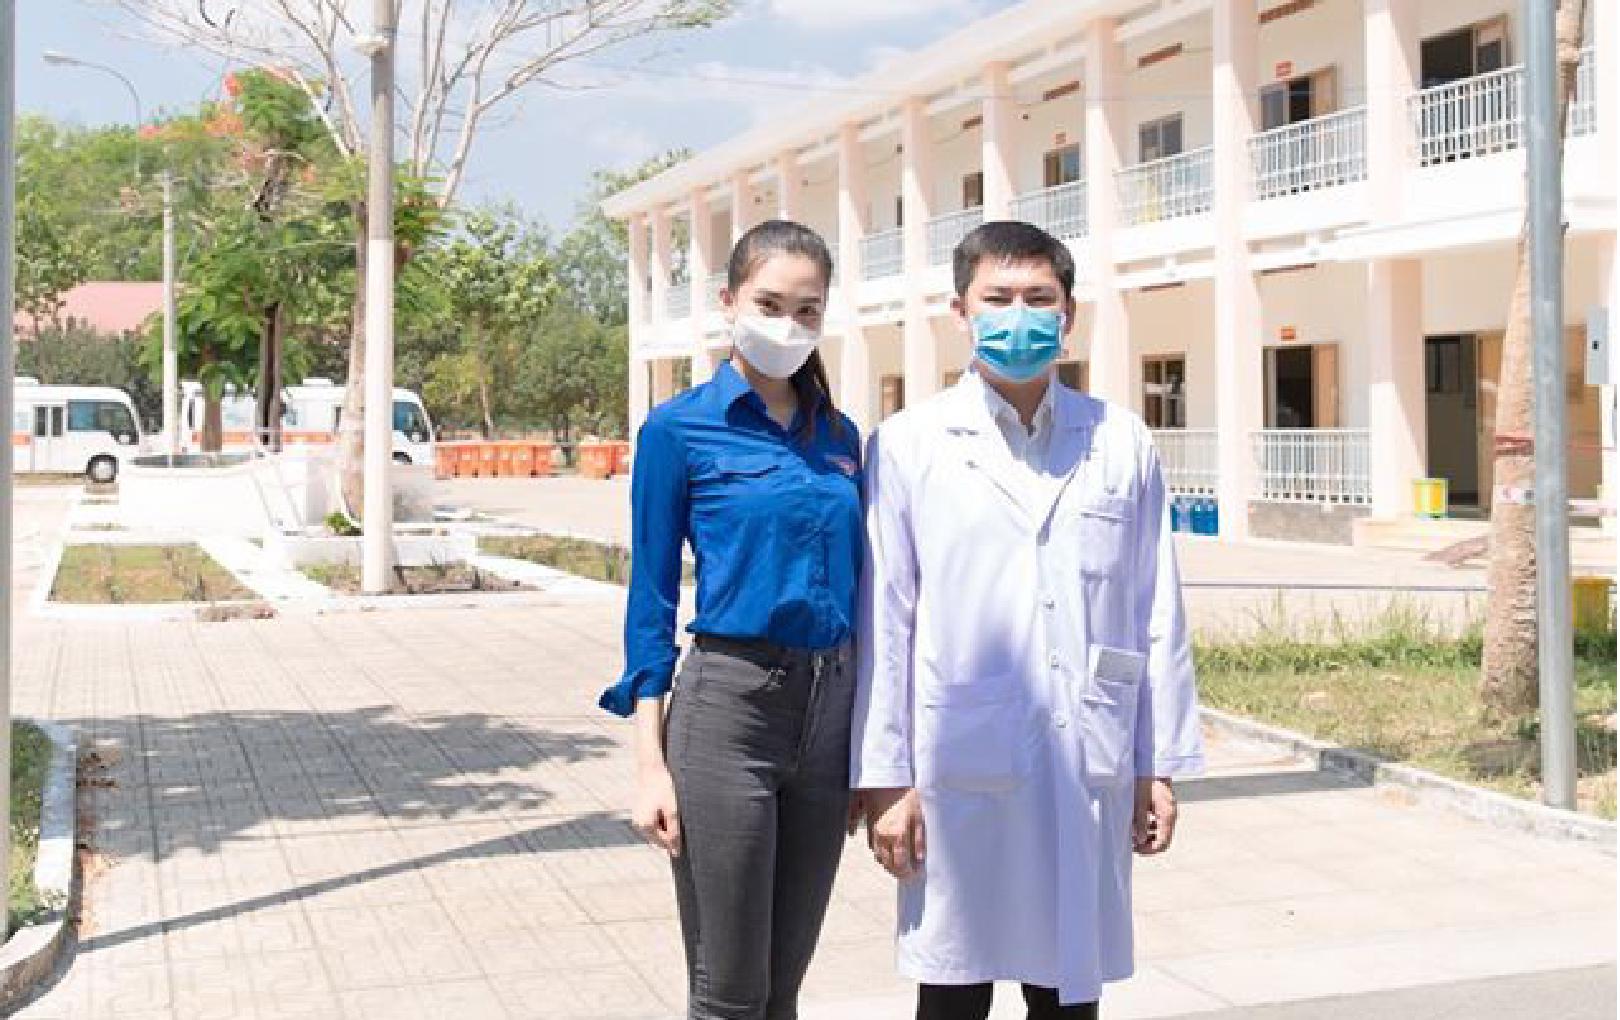 Hoa hậu Trần Tiểu Vy đến khu cách ly trao quà tặng 400 triệu đồng